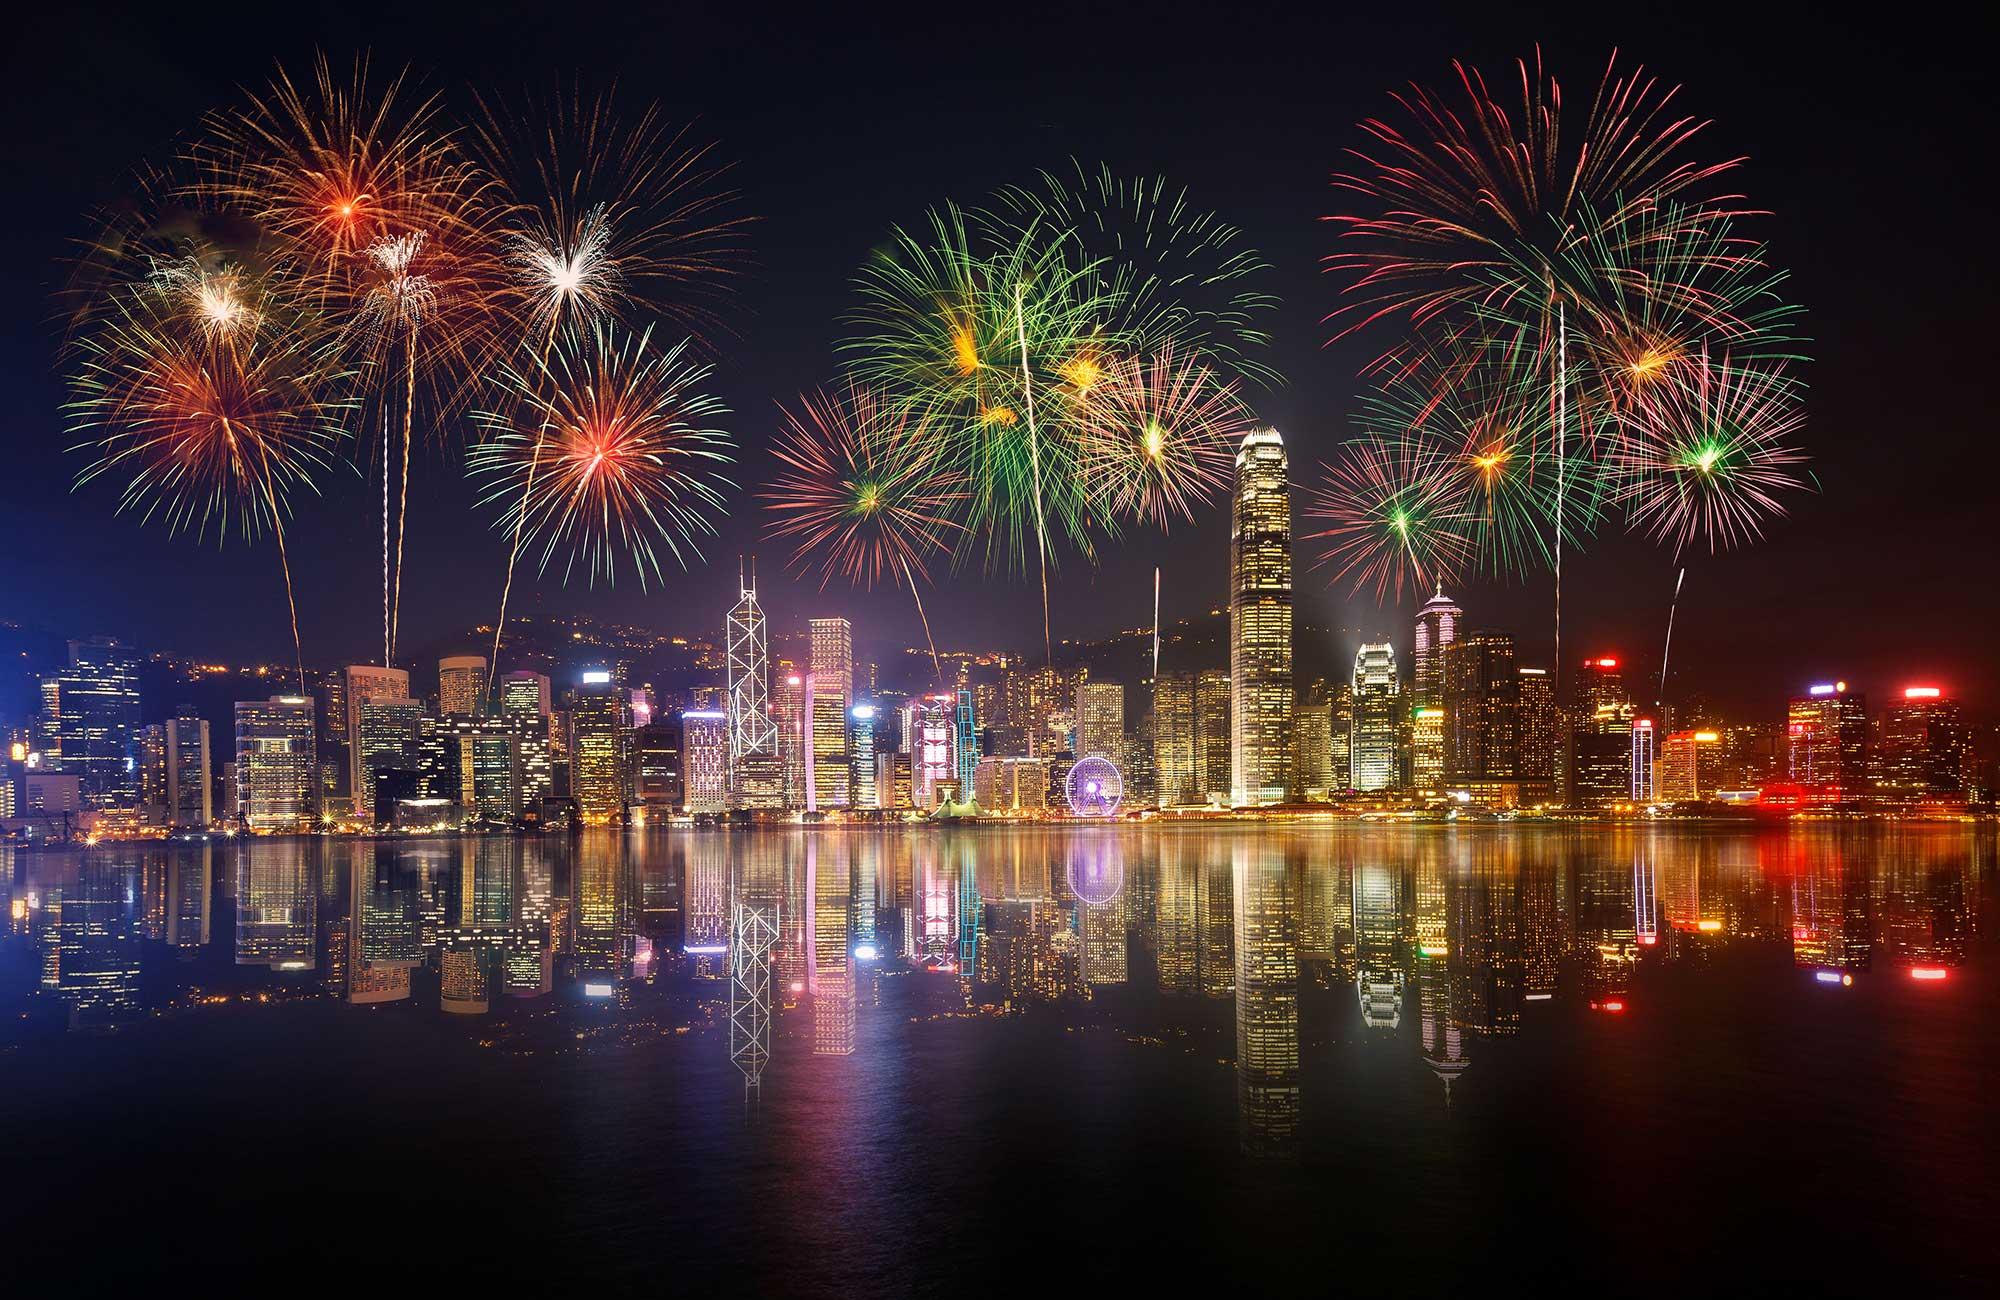 fejre nytår i udlandet